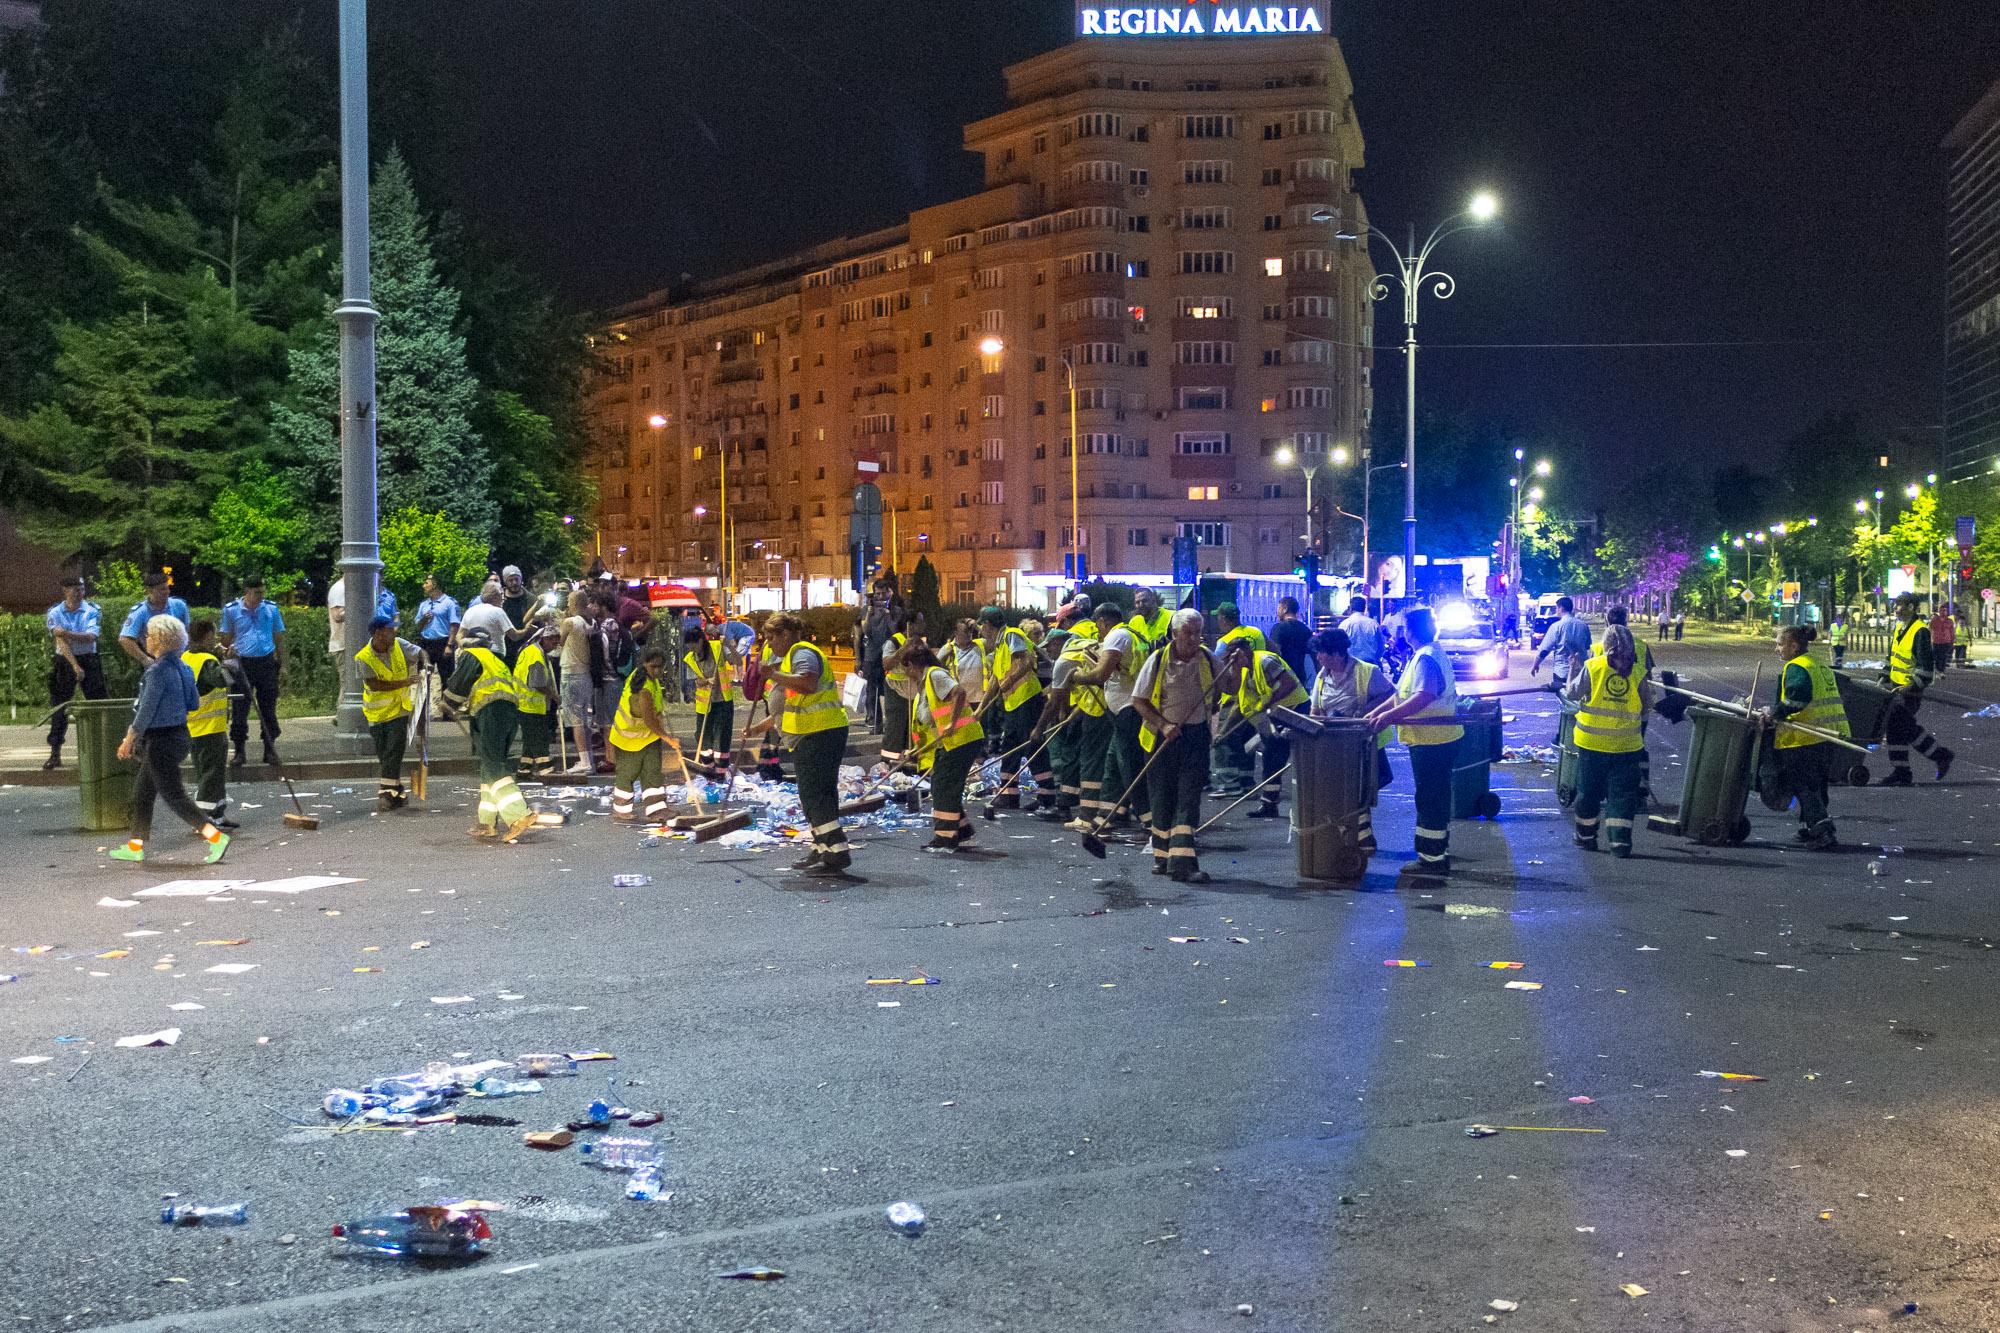 Dragnea - Cine va pierde de pe urma mitingului PSD-ALDE - Pagina 2 1528628185659-Miting-PSD-mizeria-din-urma-24